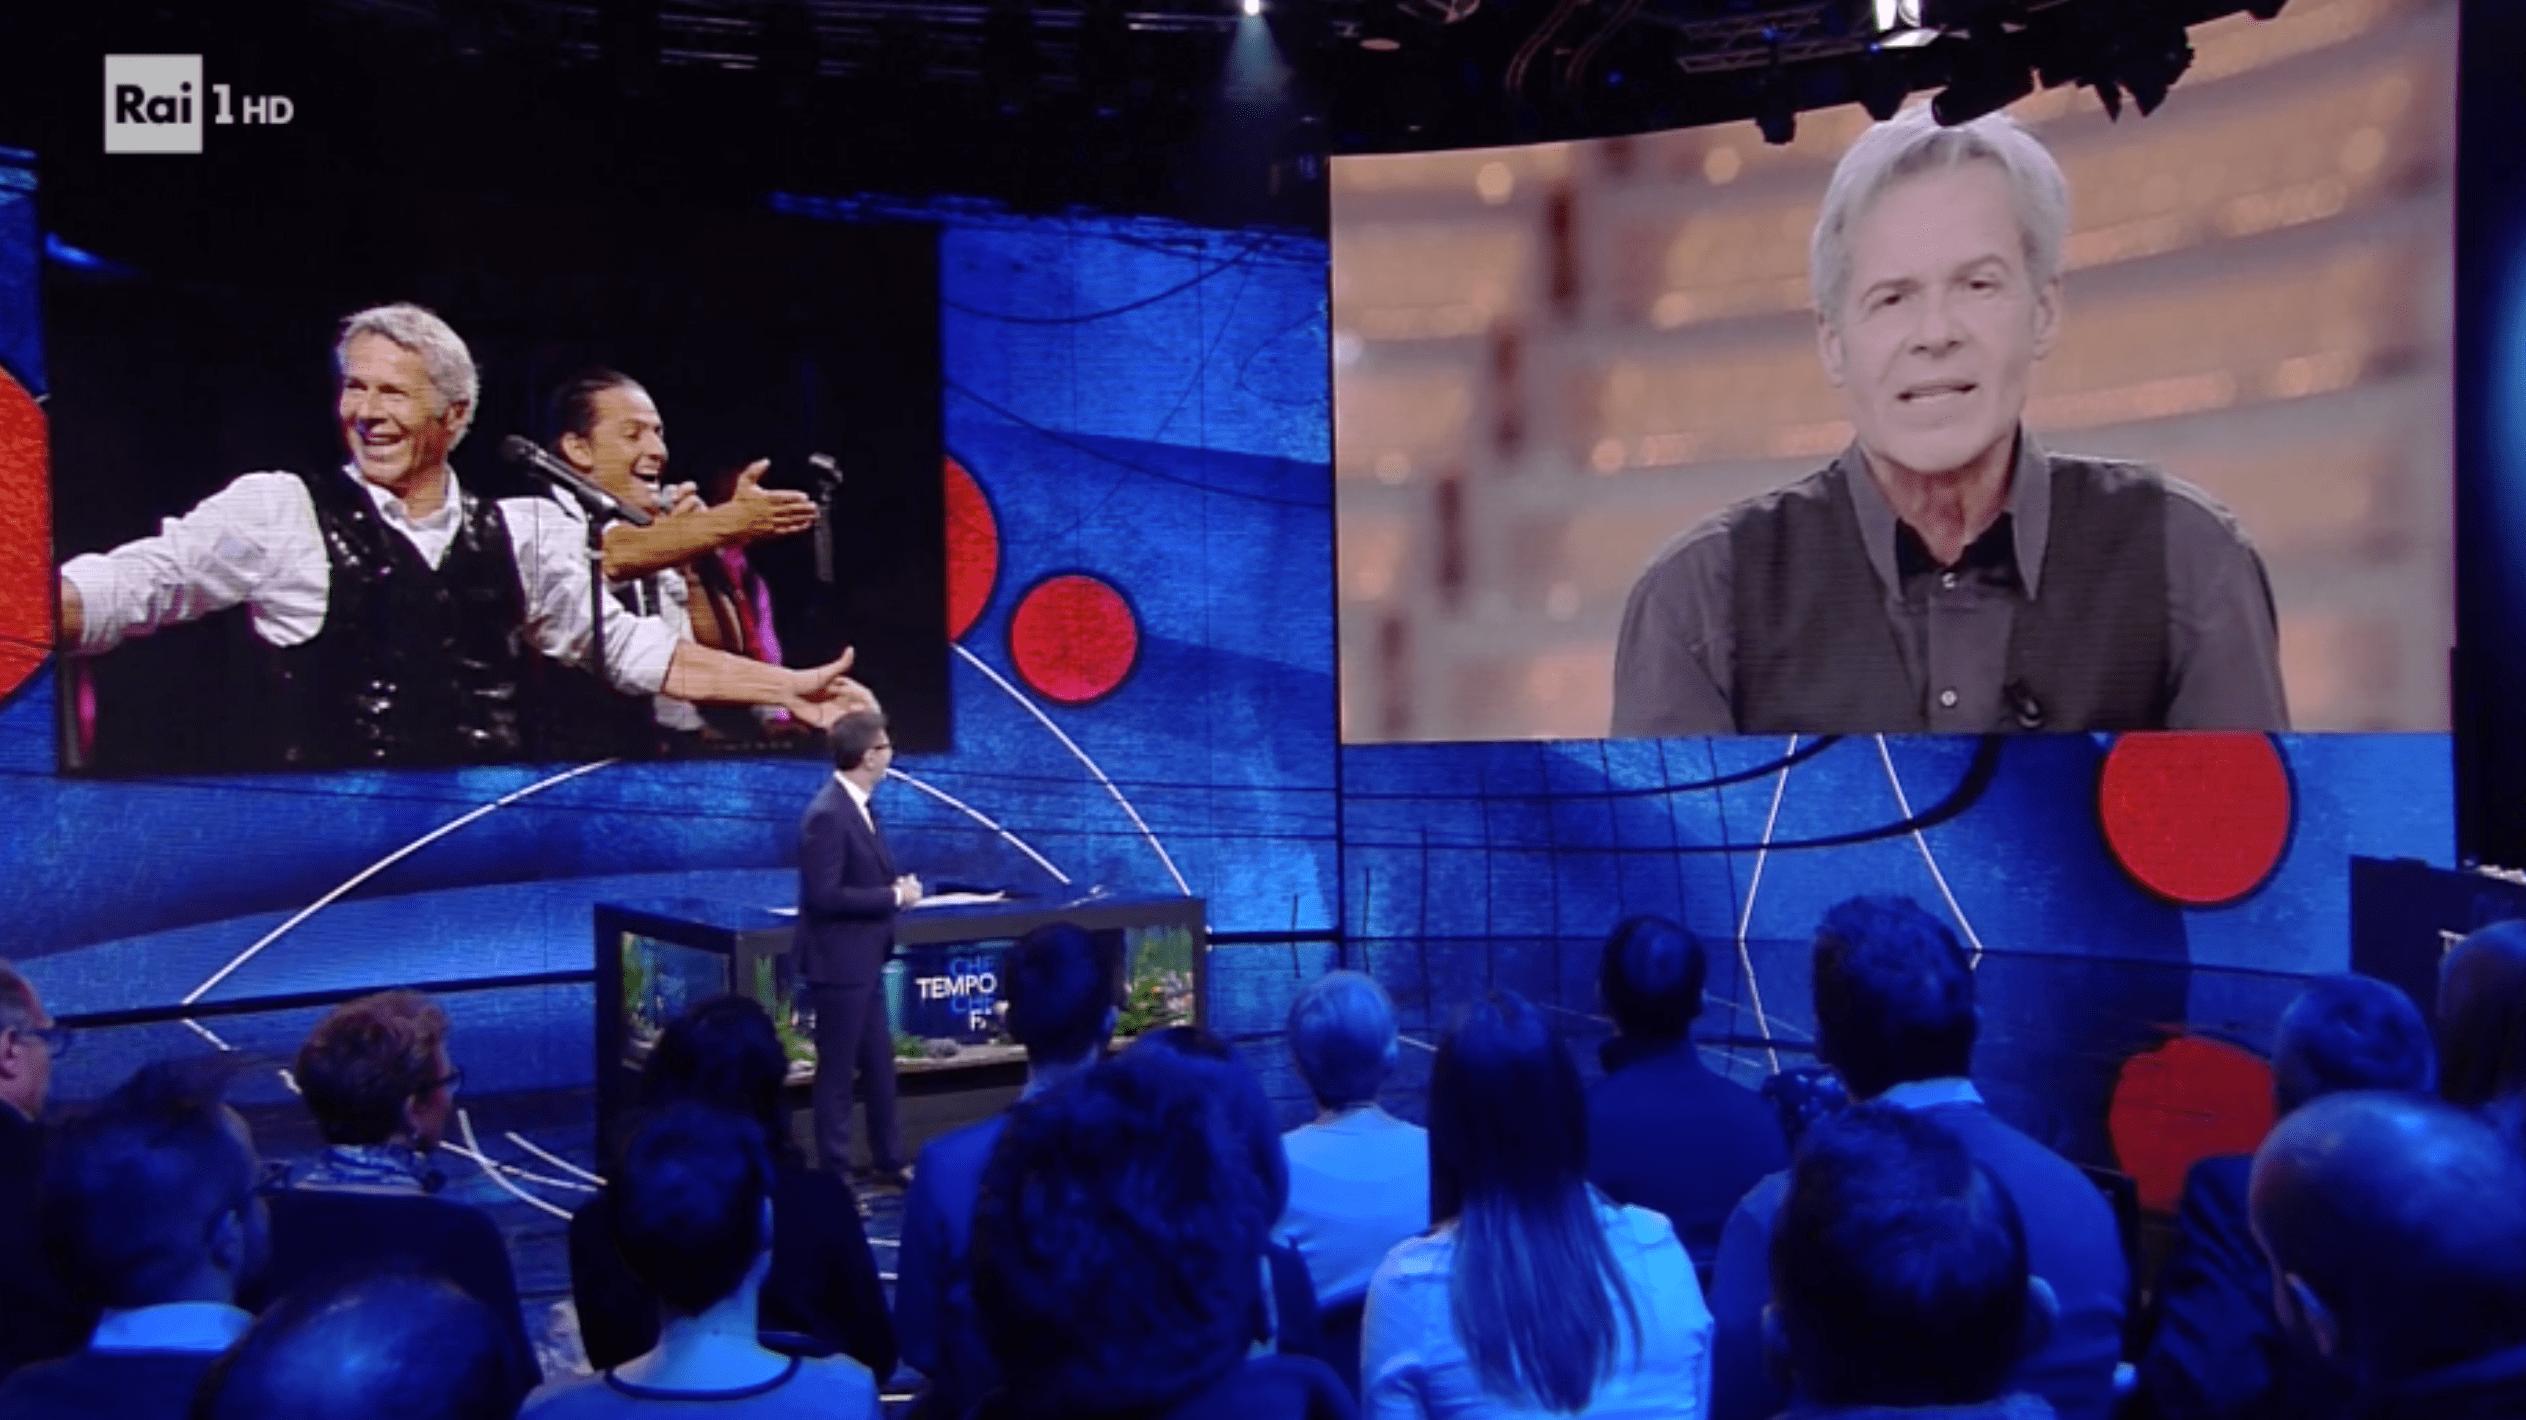 Sanremo 2018, Claudio Baglioni a Fabio Fazio: 'Mi fai venire l'ansia'